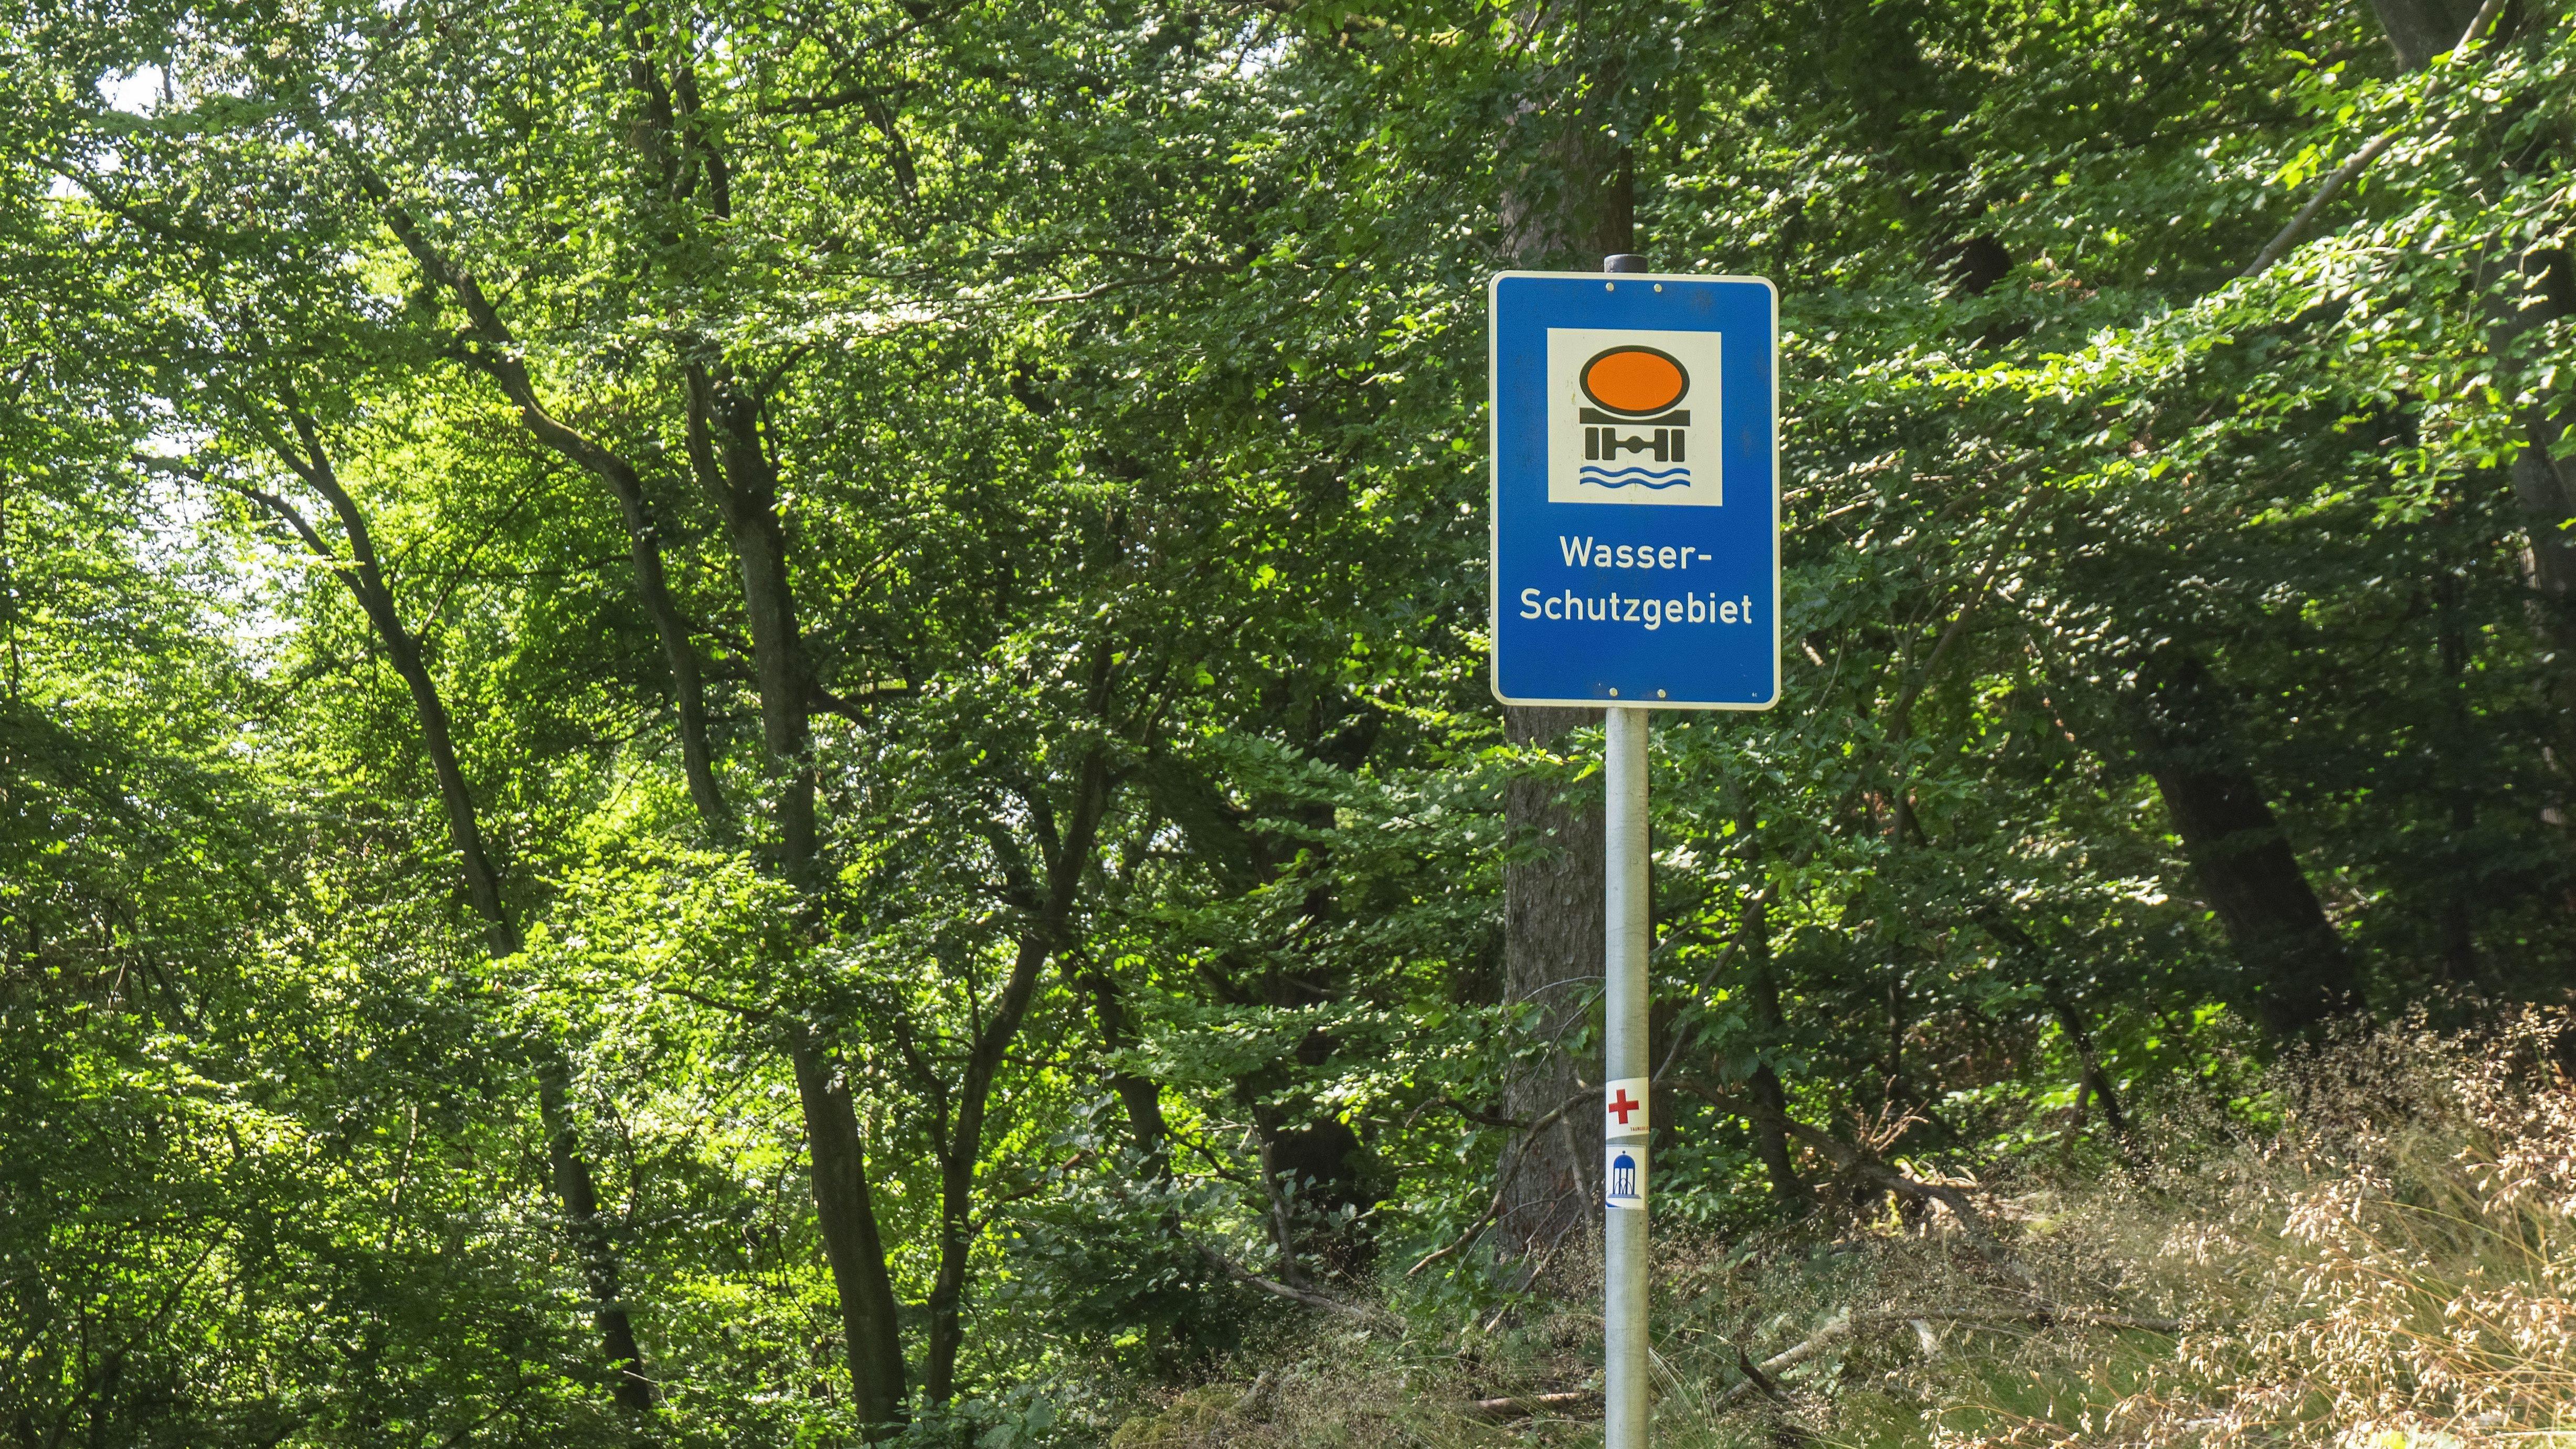 Wasserschutzgebiet (Symbolbild)